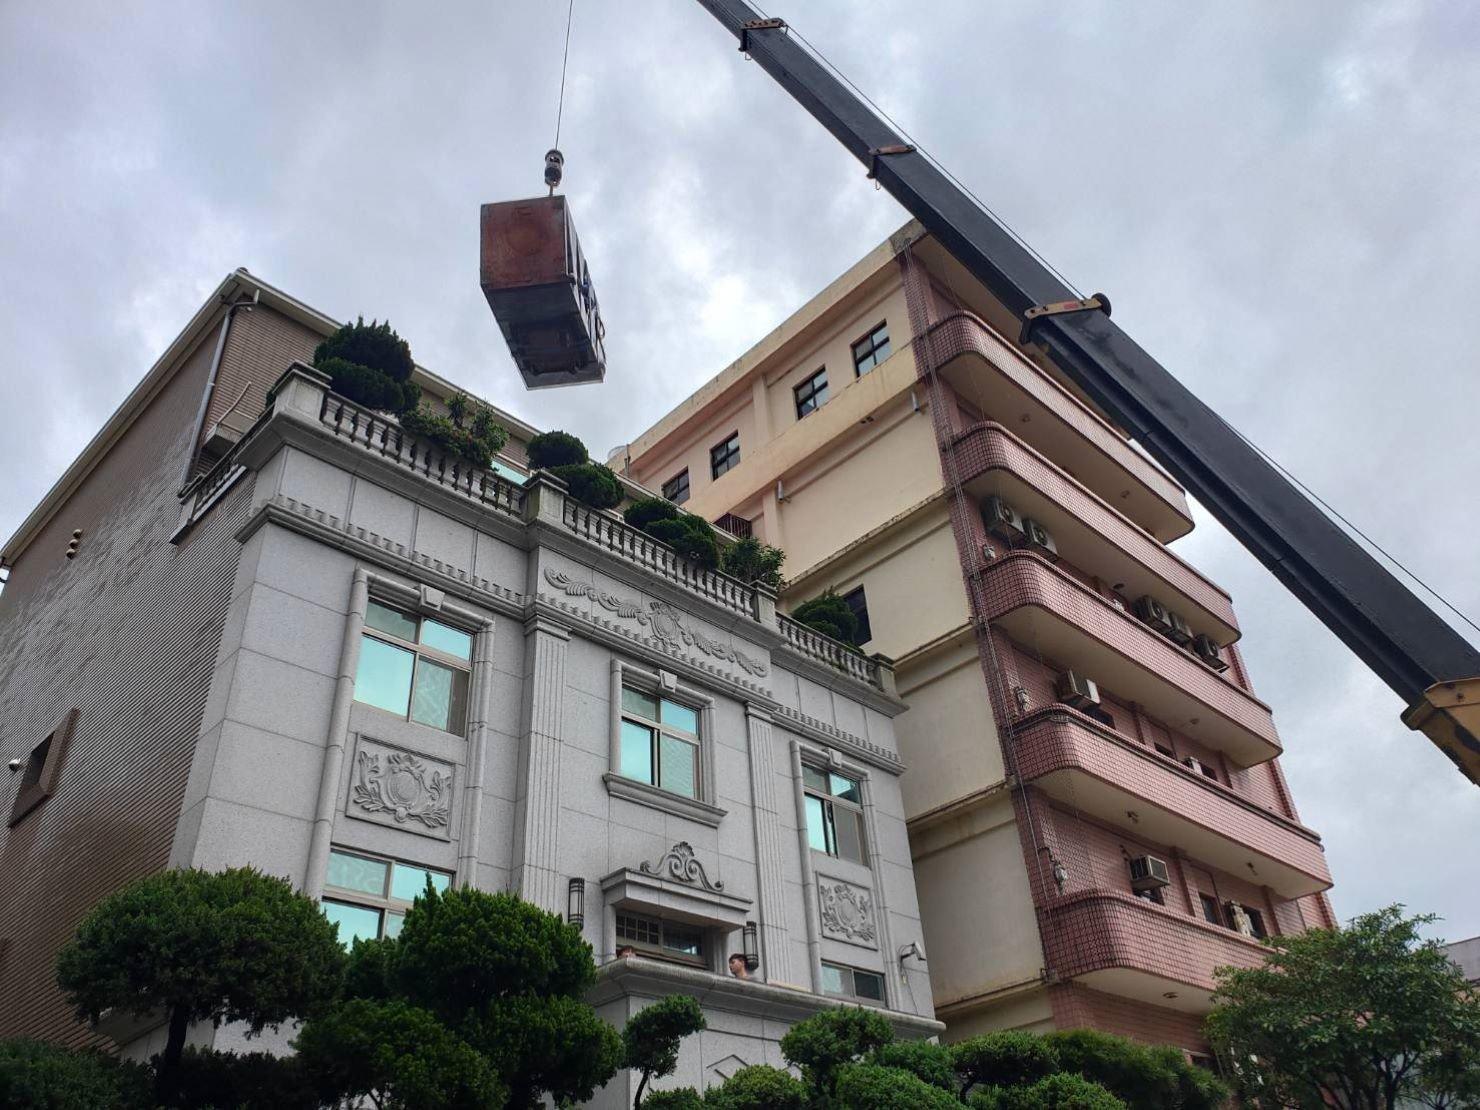 搬金庫【榮福搬家】搬家口碑第一、台北搬家推薦:吊車服務-將金庫吊起從陽台進入